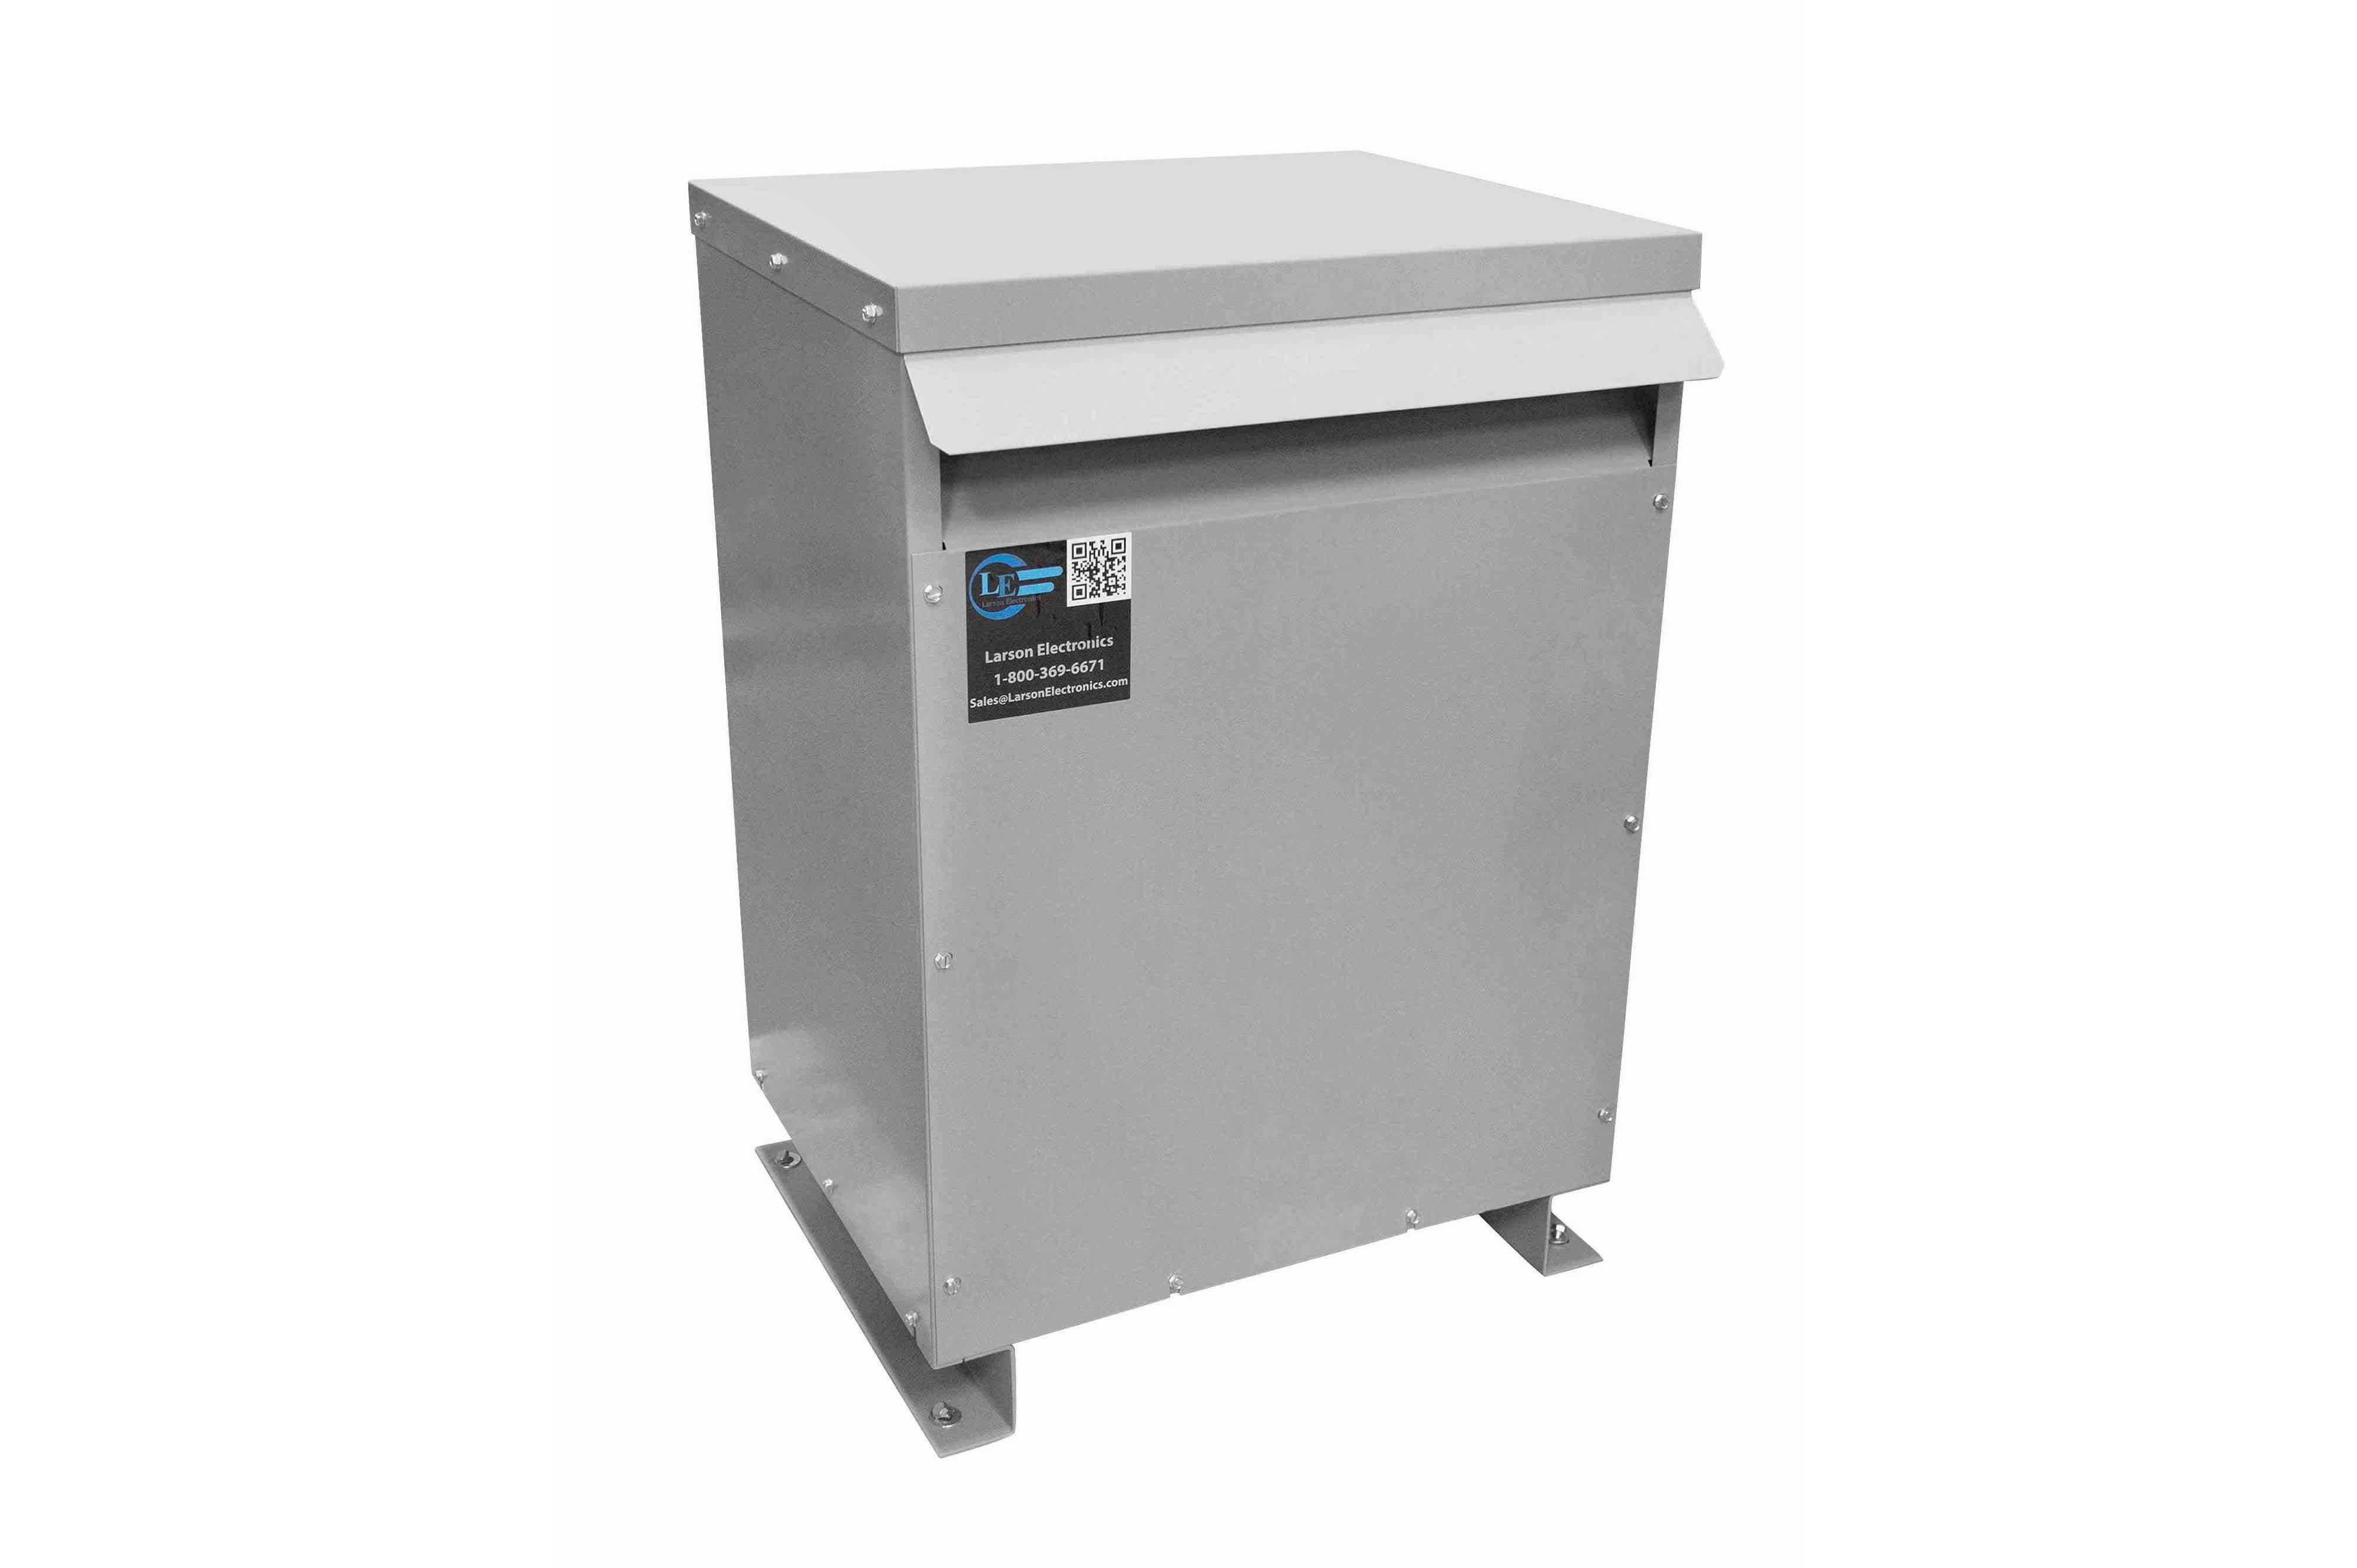 26 kVA 3PH DOE Transformer, 600V Delta Primary, 240V/120 Delta Secondary, N3R, Ventilated, 60 Hz